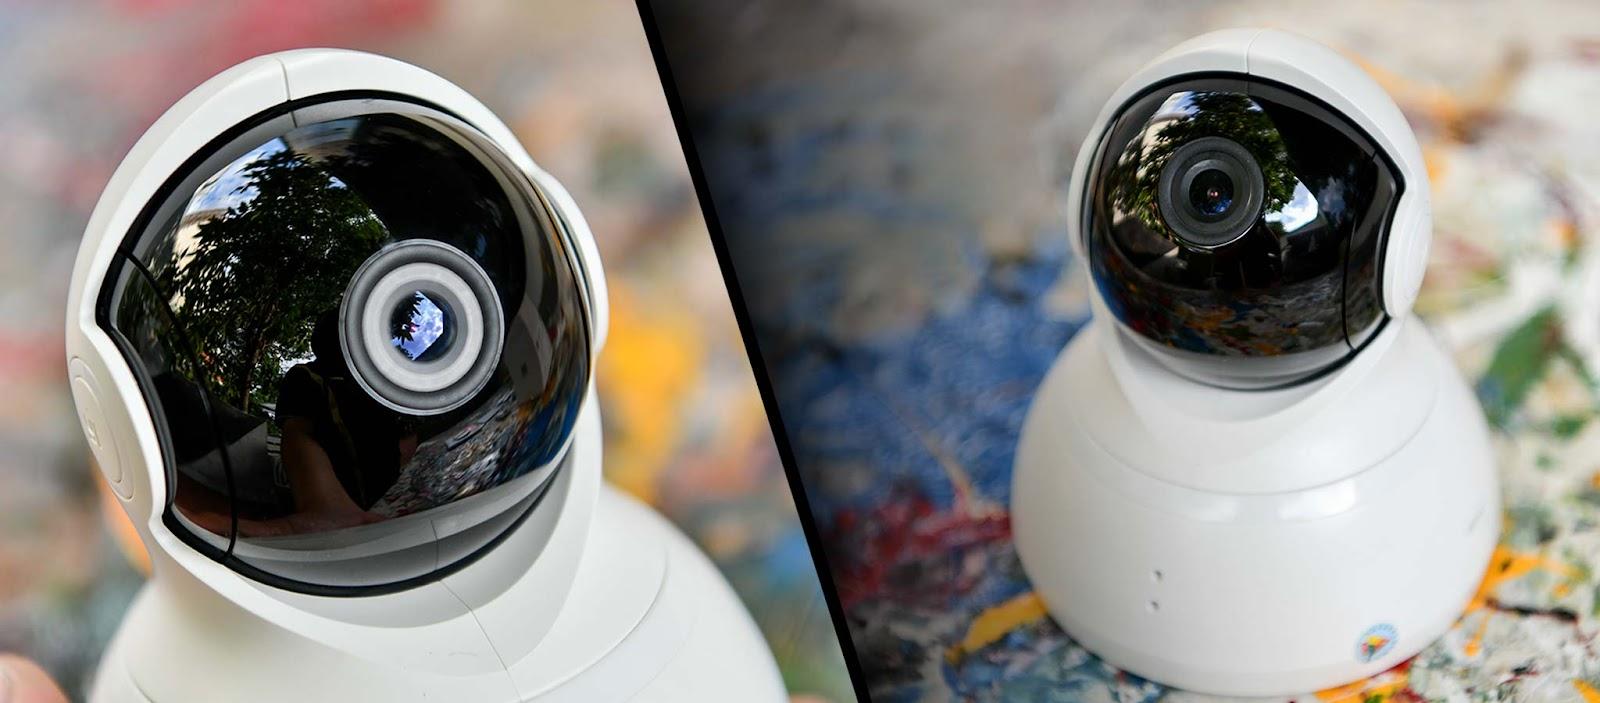 Trên tay và đánh giá nhanh camera quan sát Yi Dome 720 kết nối app Yi Home